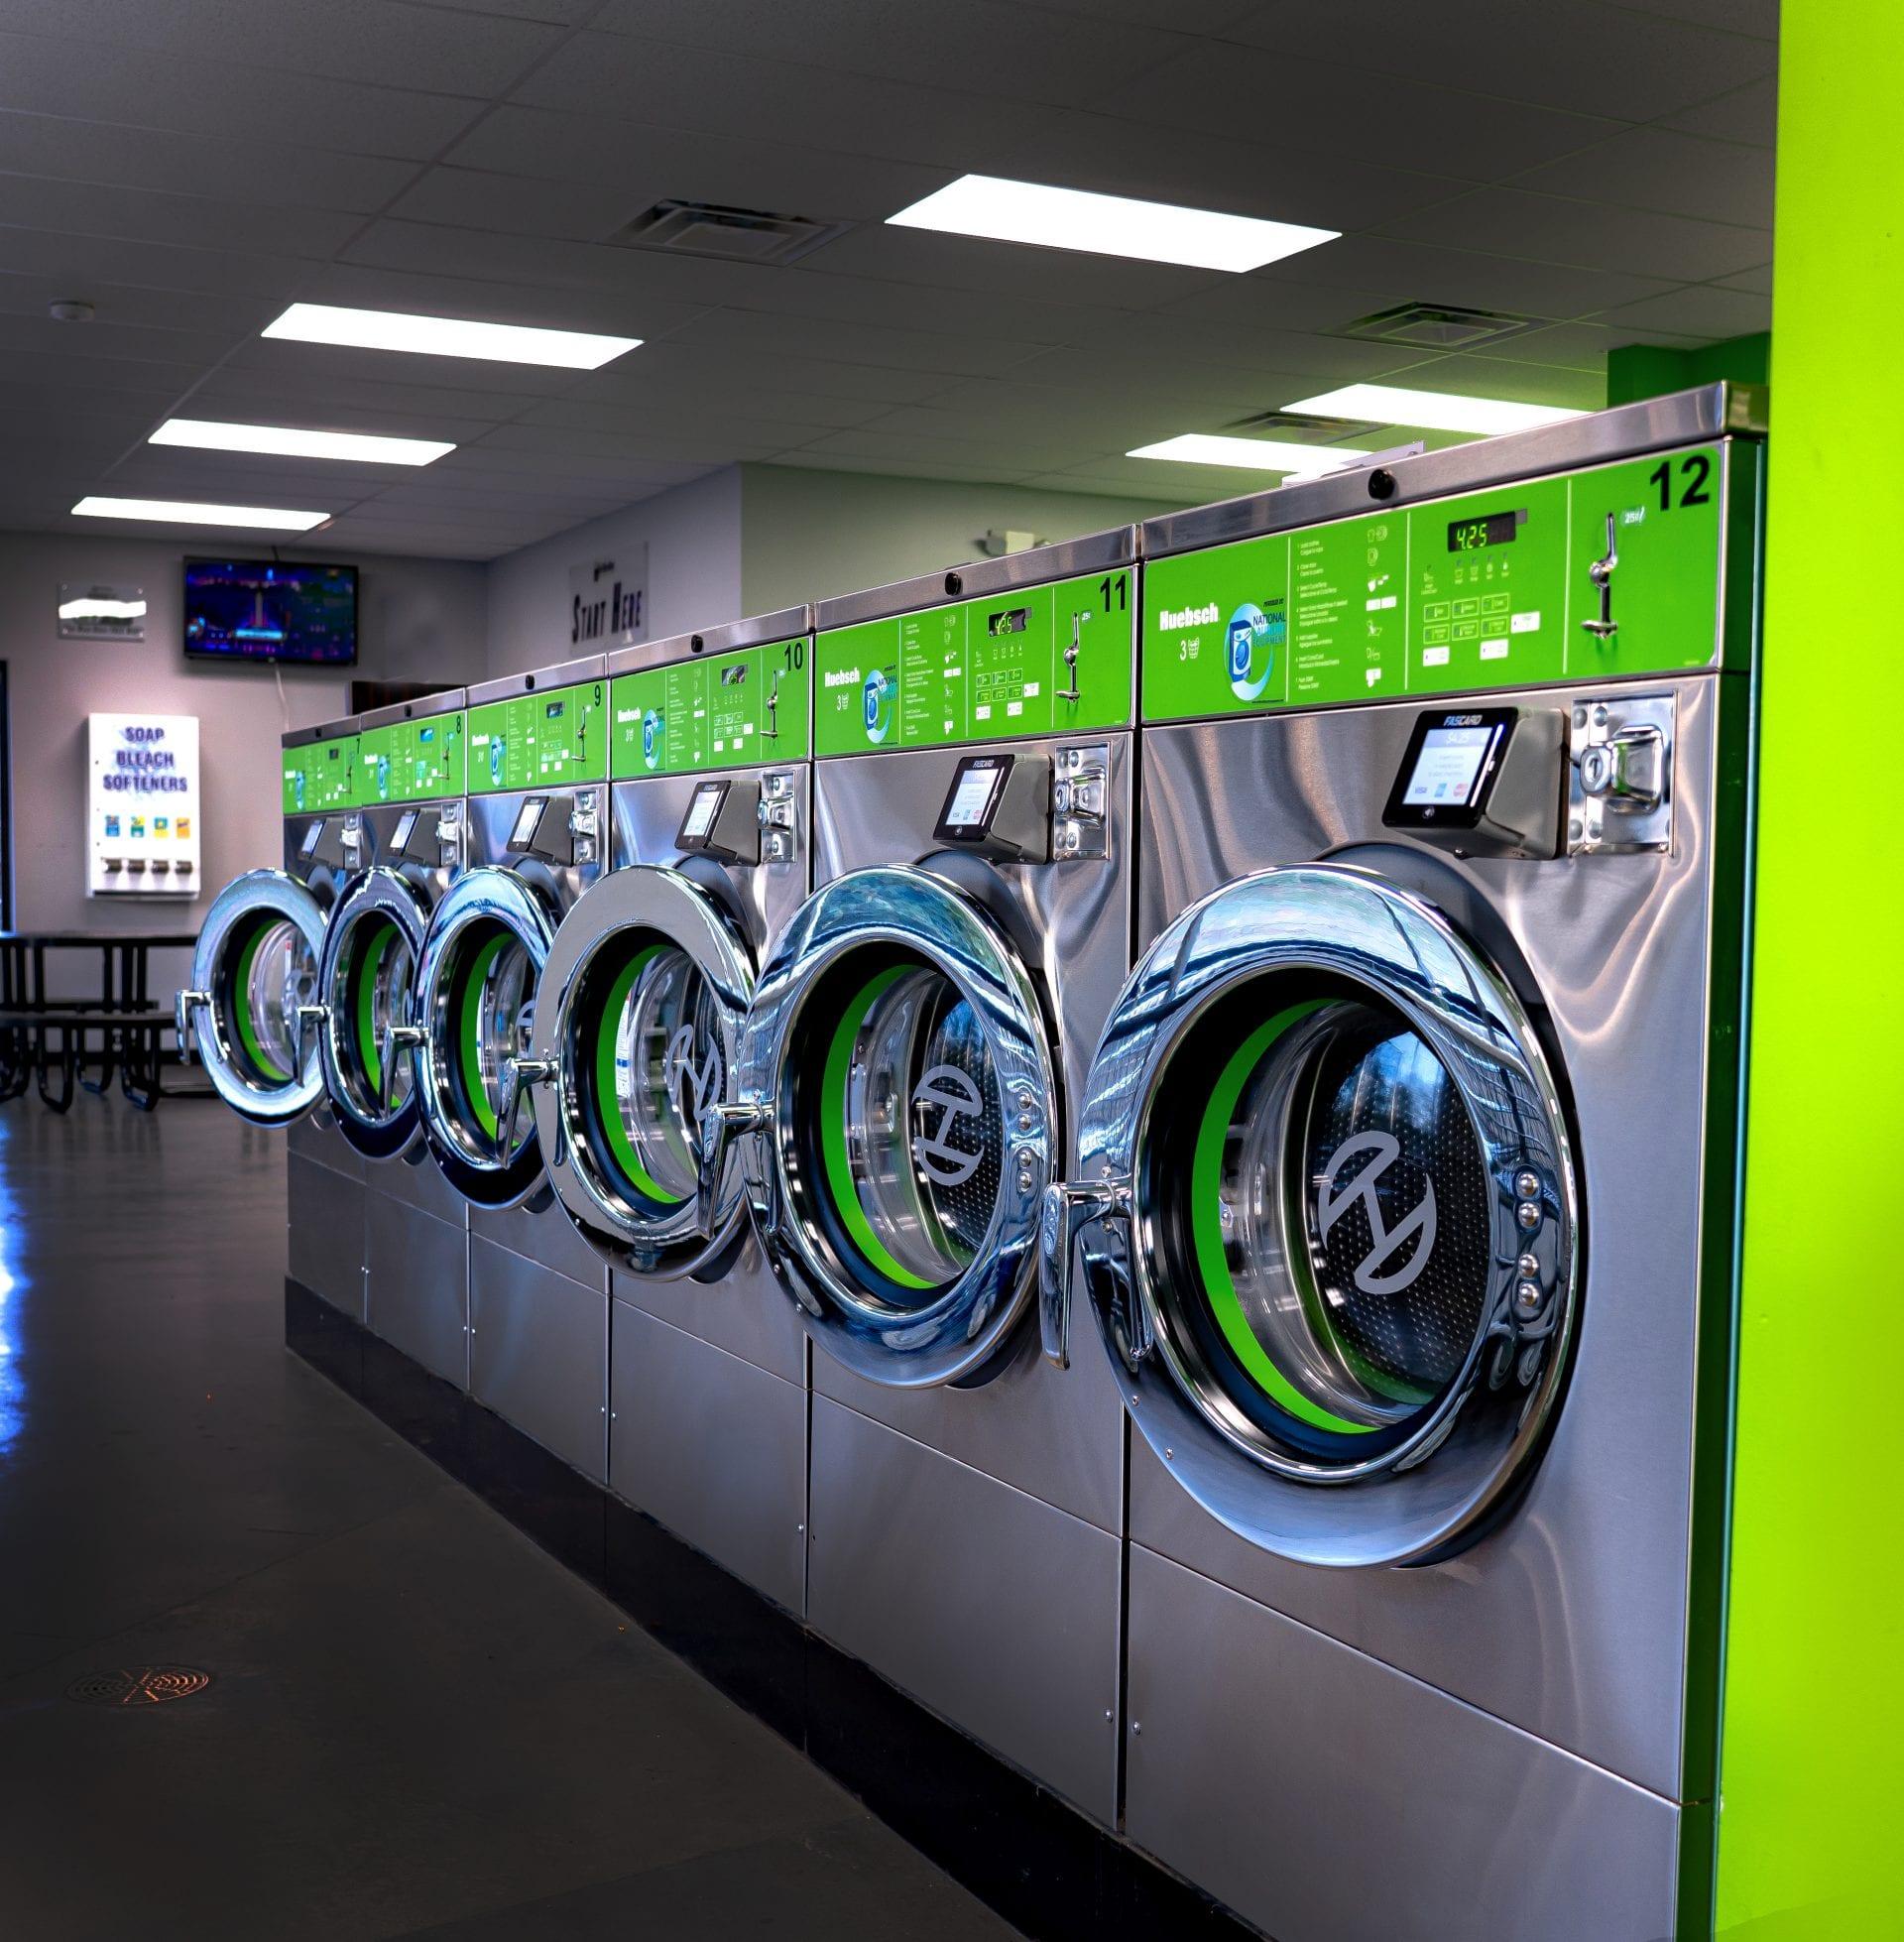 bg 30 pound washers - The Wash House